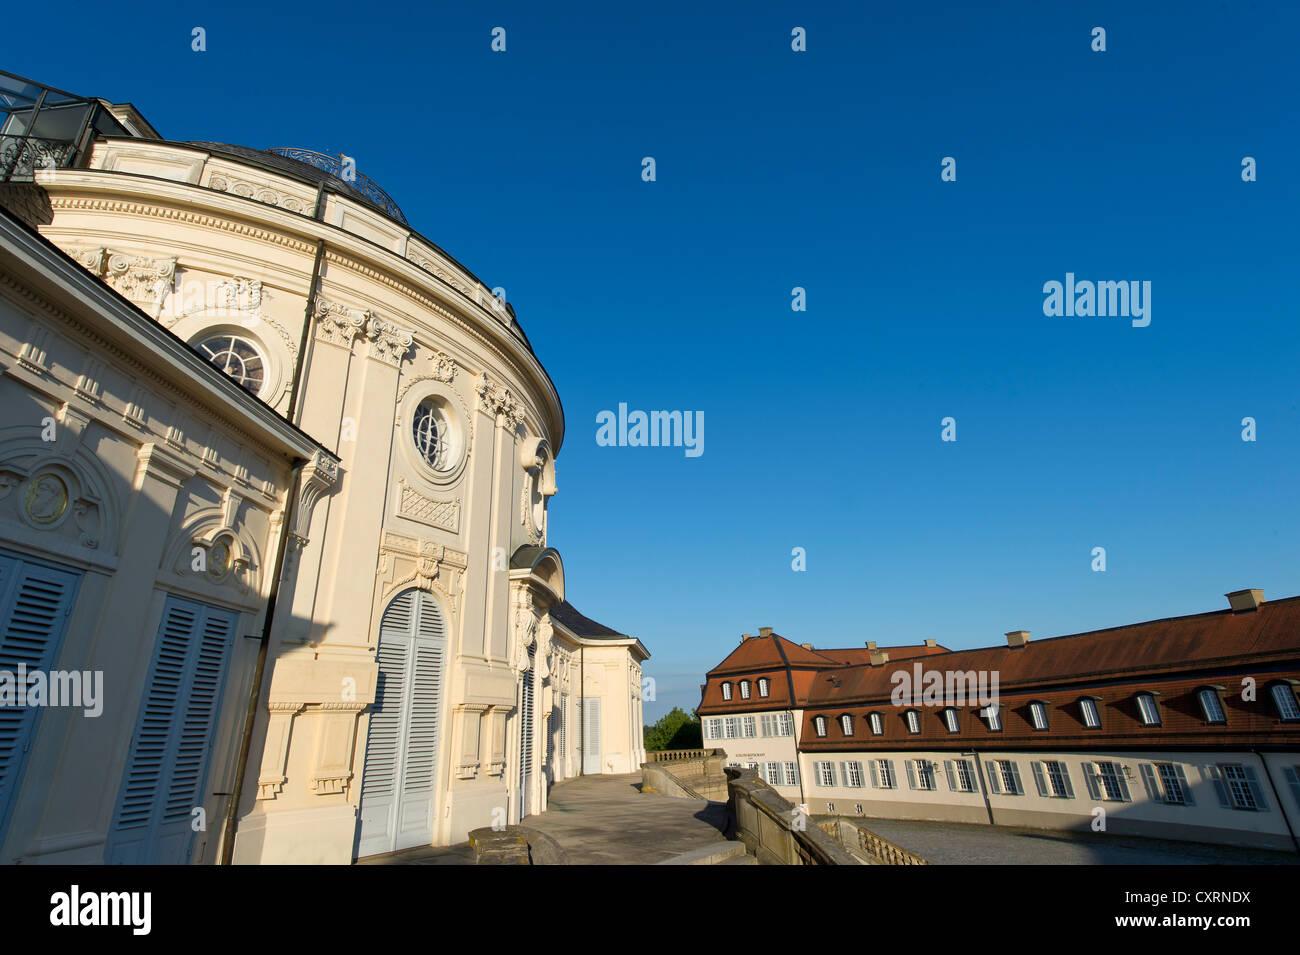 Restaurant Schloss Restaurant Stock Photos & Restaurant Schloss ...